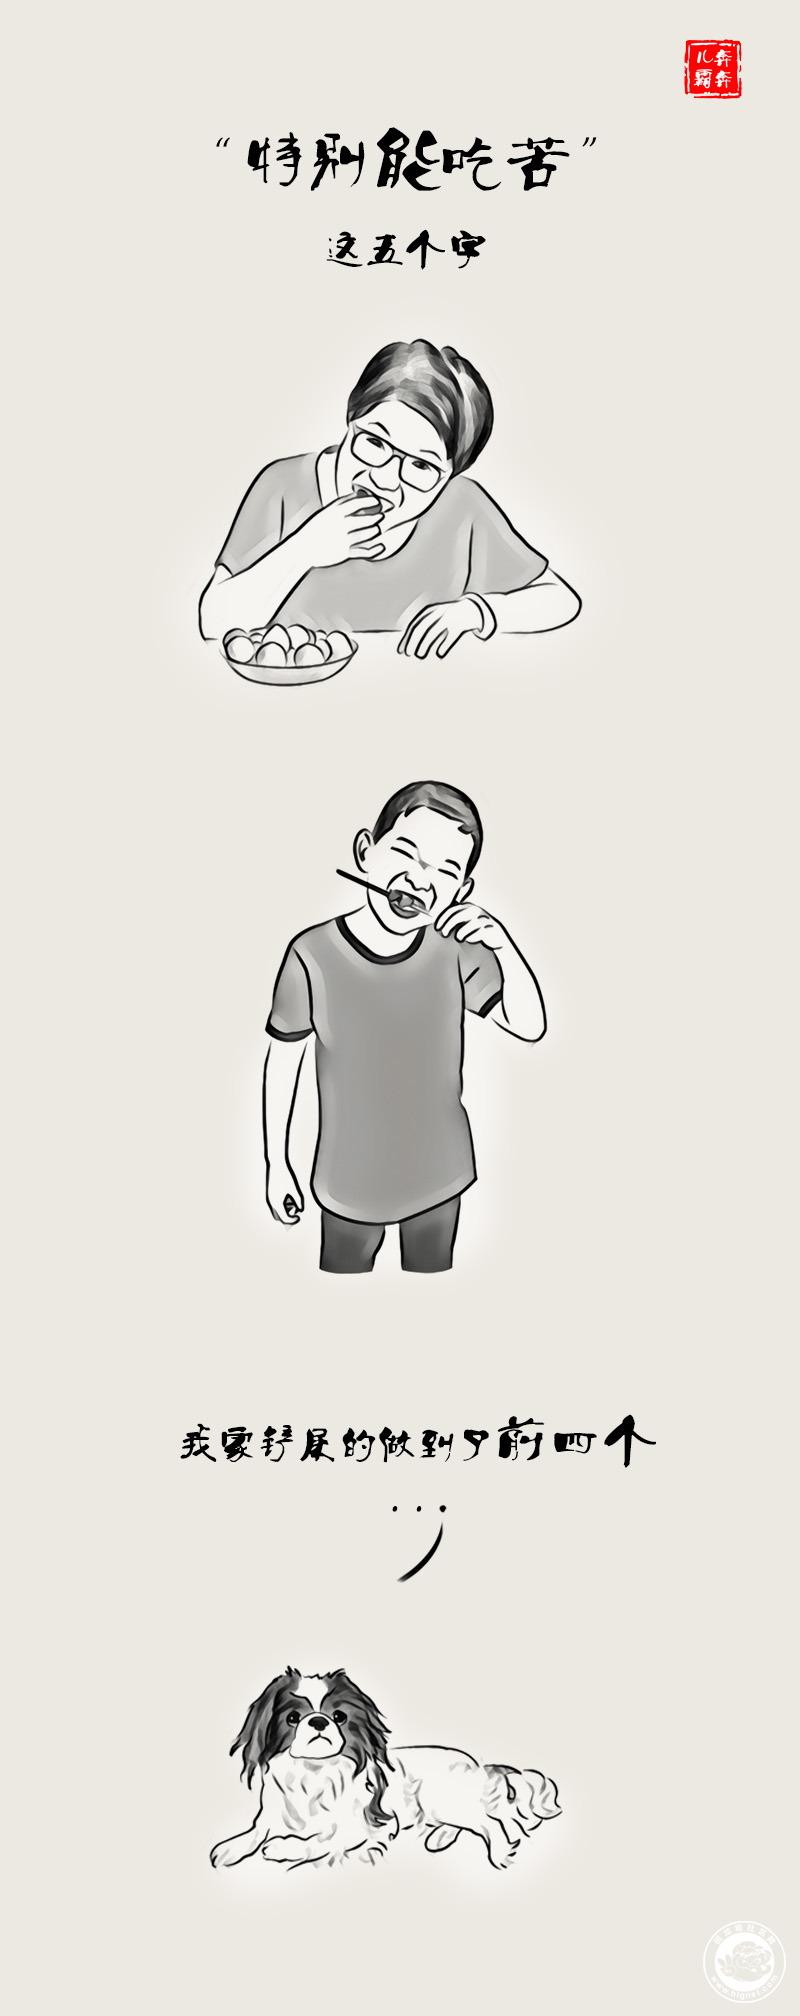 08特别能吃苦定稿.jpg